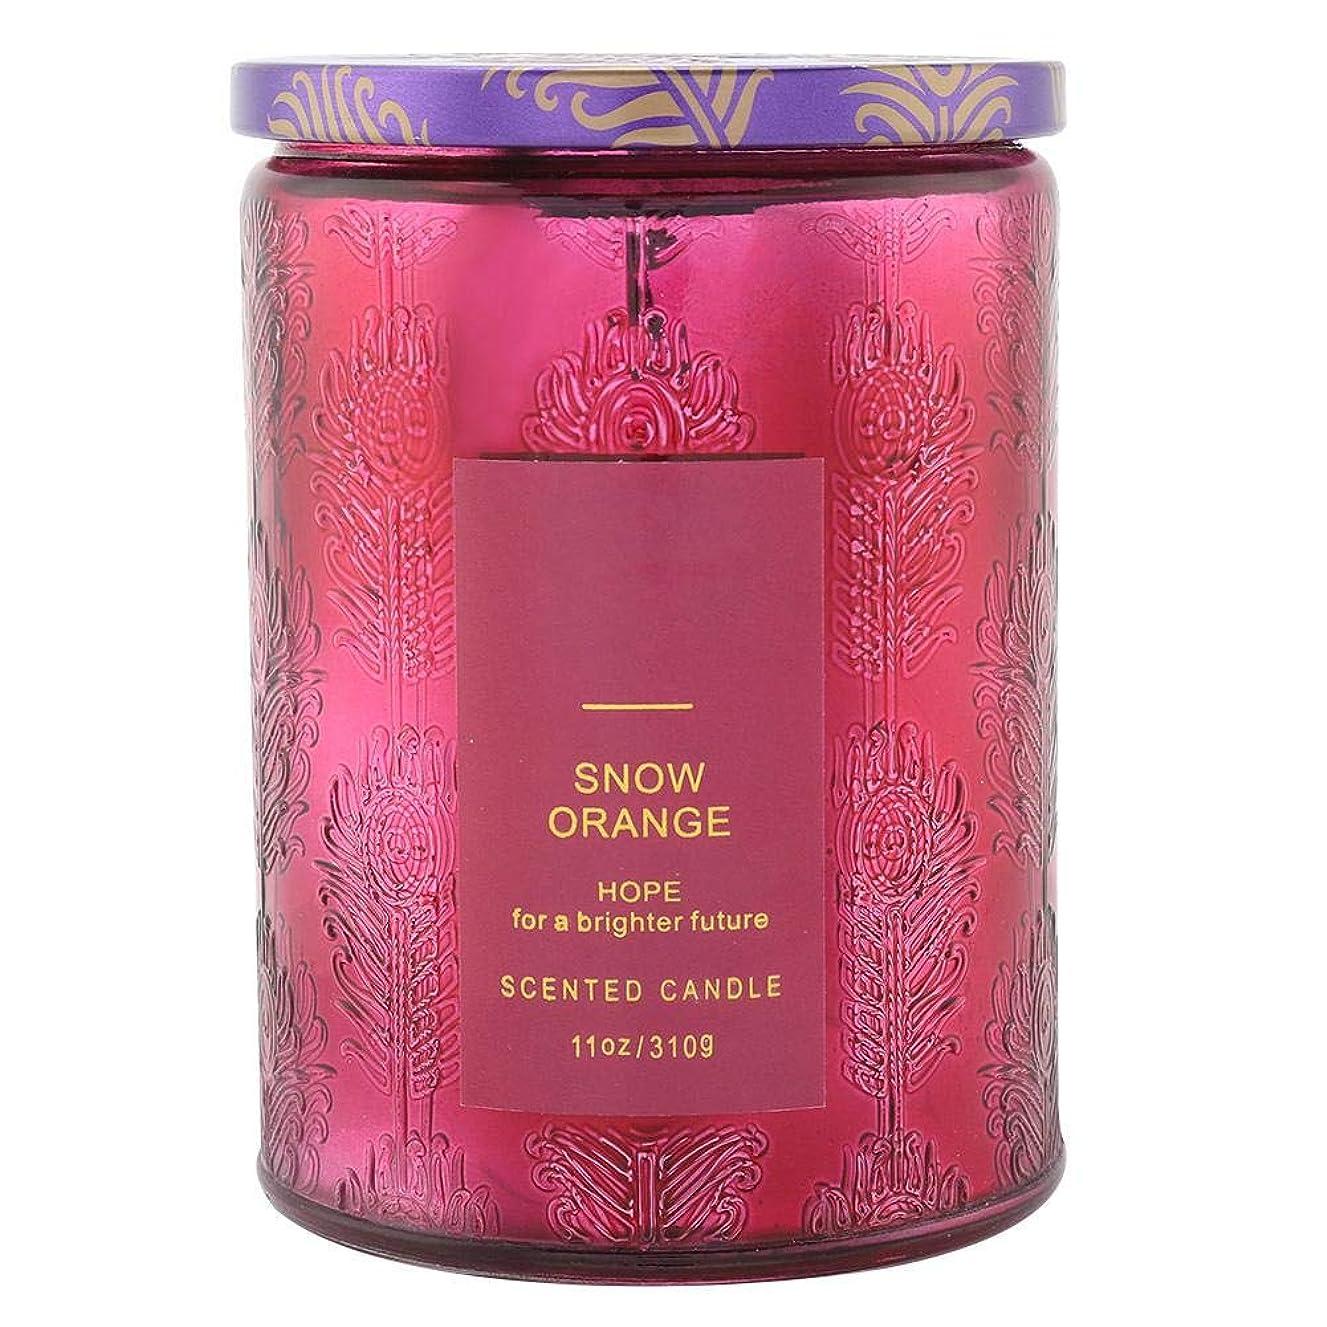 キラウエア山手錠仕事に行くオレンジ香料入りキャンドル、繊細な香料入りキャンドルフルーツフレグランスワックスエッセンシャルオイルディフューザーキャンドル